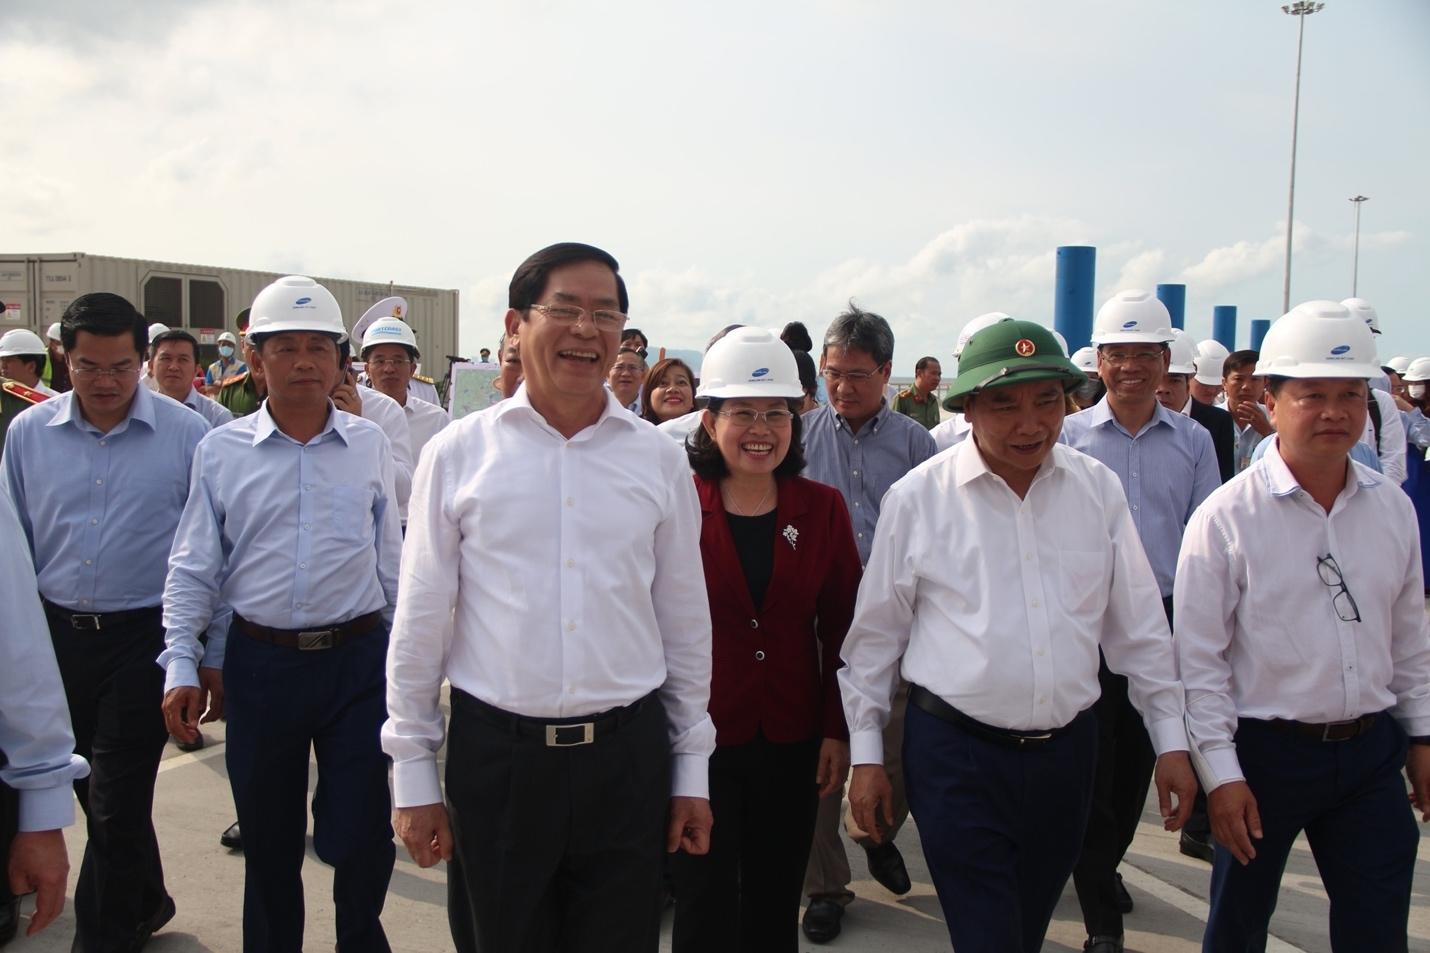 Phải kết nối hệ thống cảng Cái Mép Thị Vải với khu vực để khai thác tiềm năng cũng như phát triển kinh tế